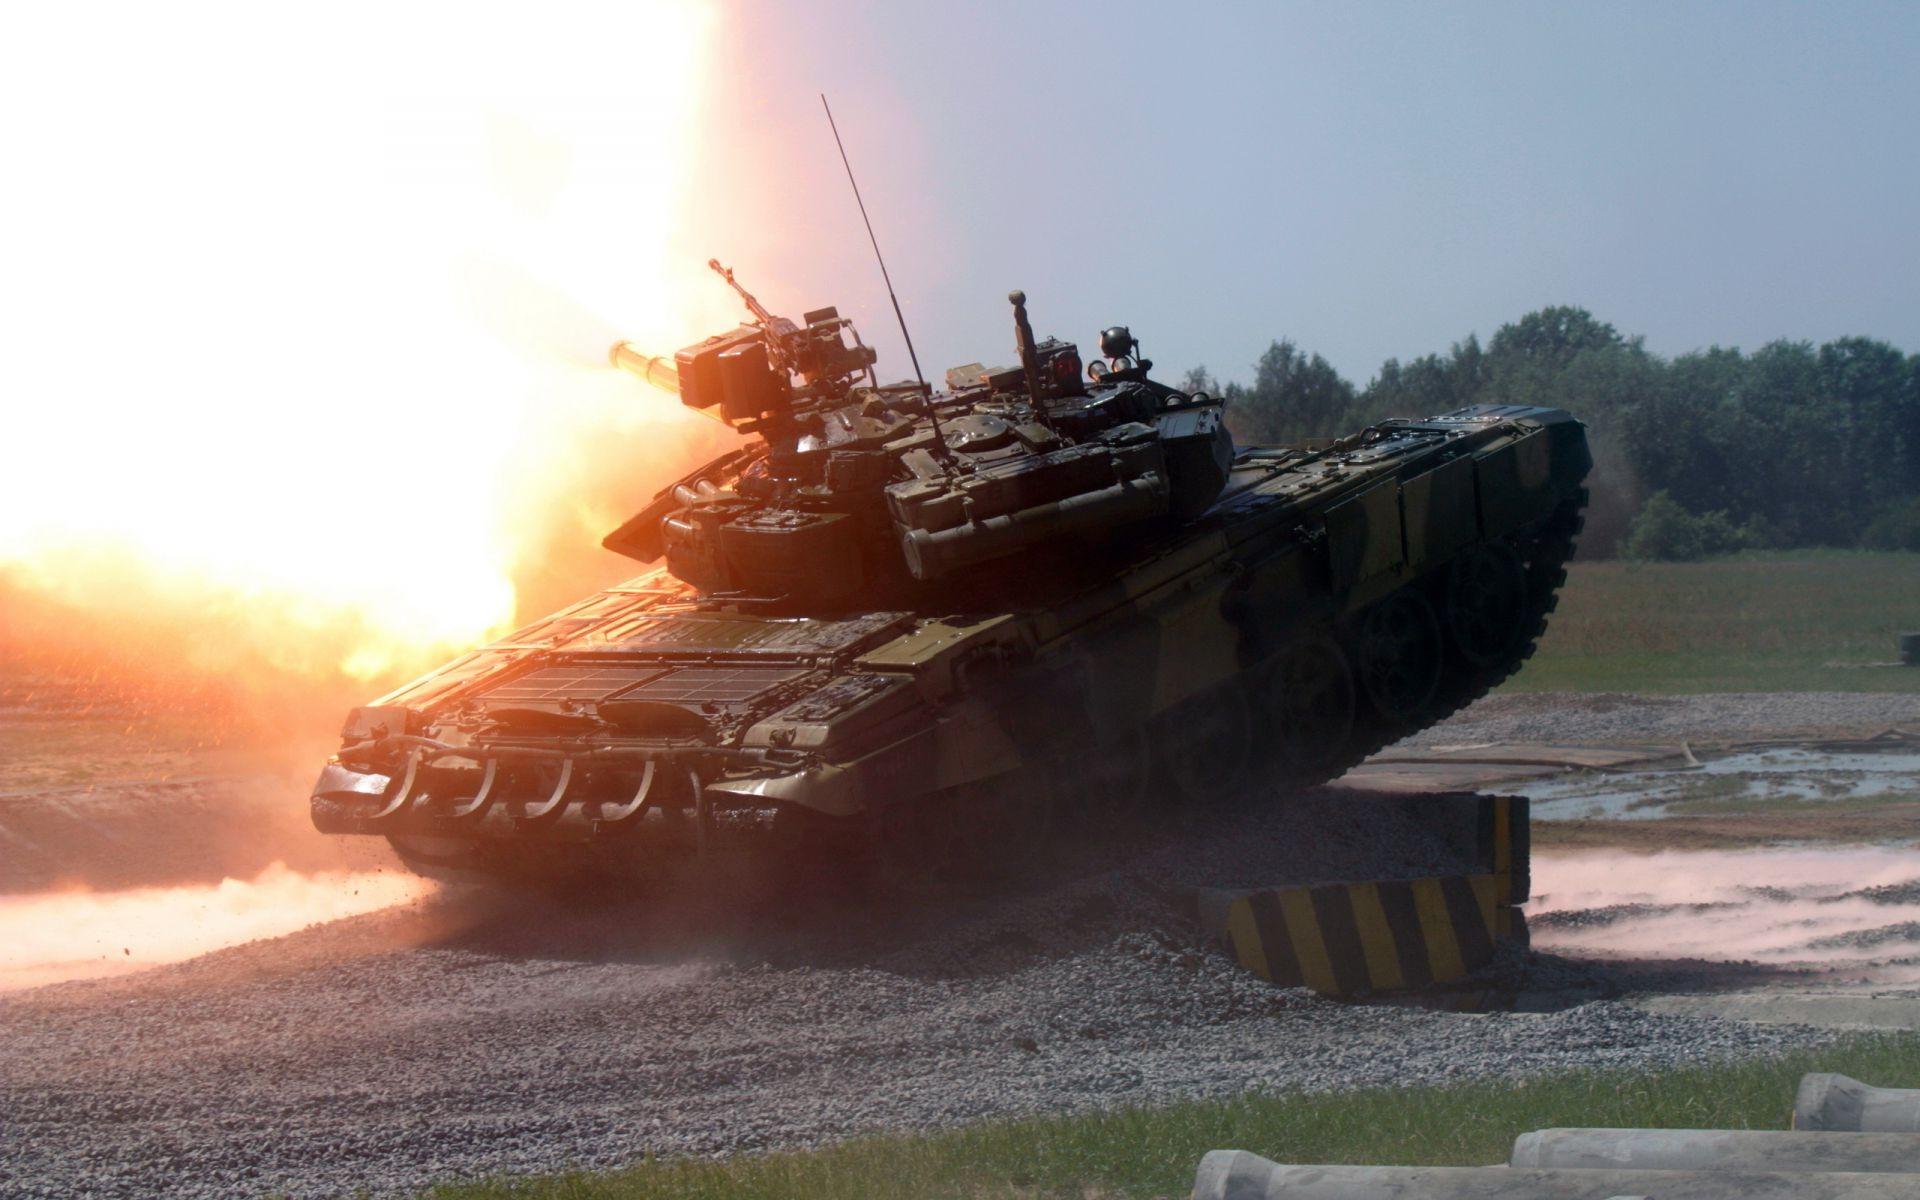 военная техника россии фото на рабочий стол это открытка или